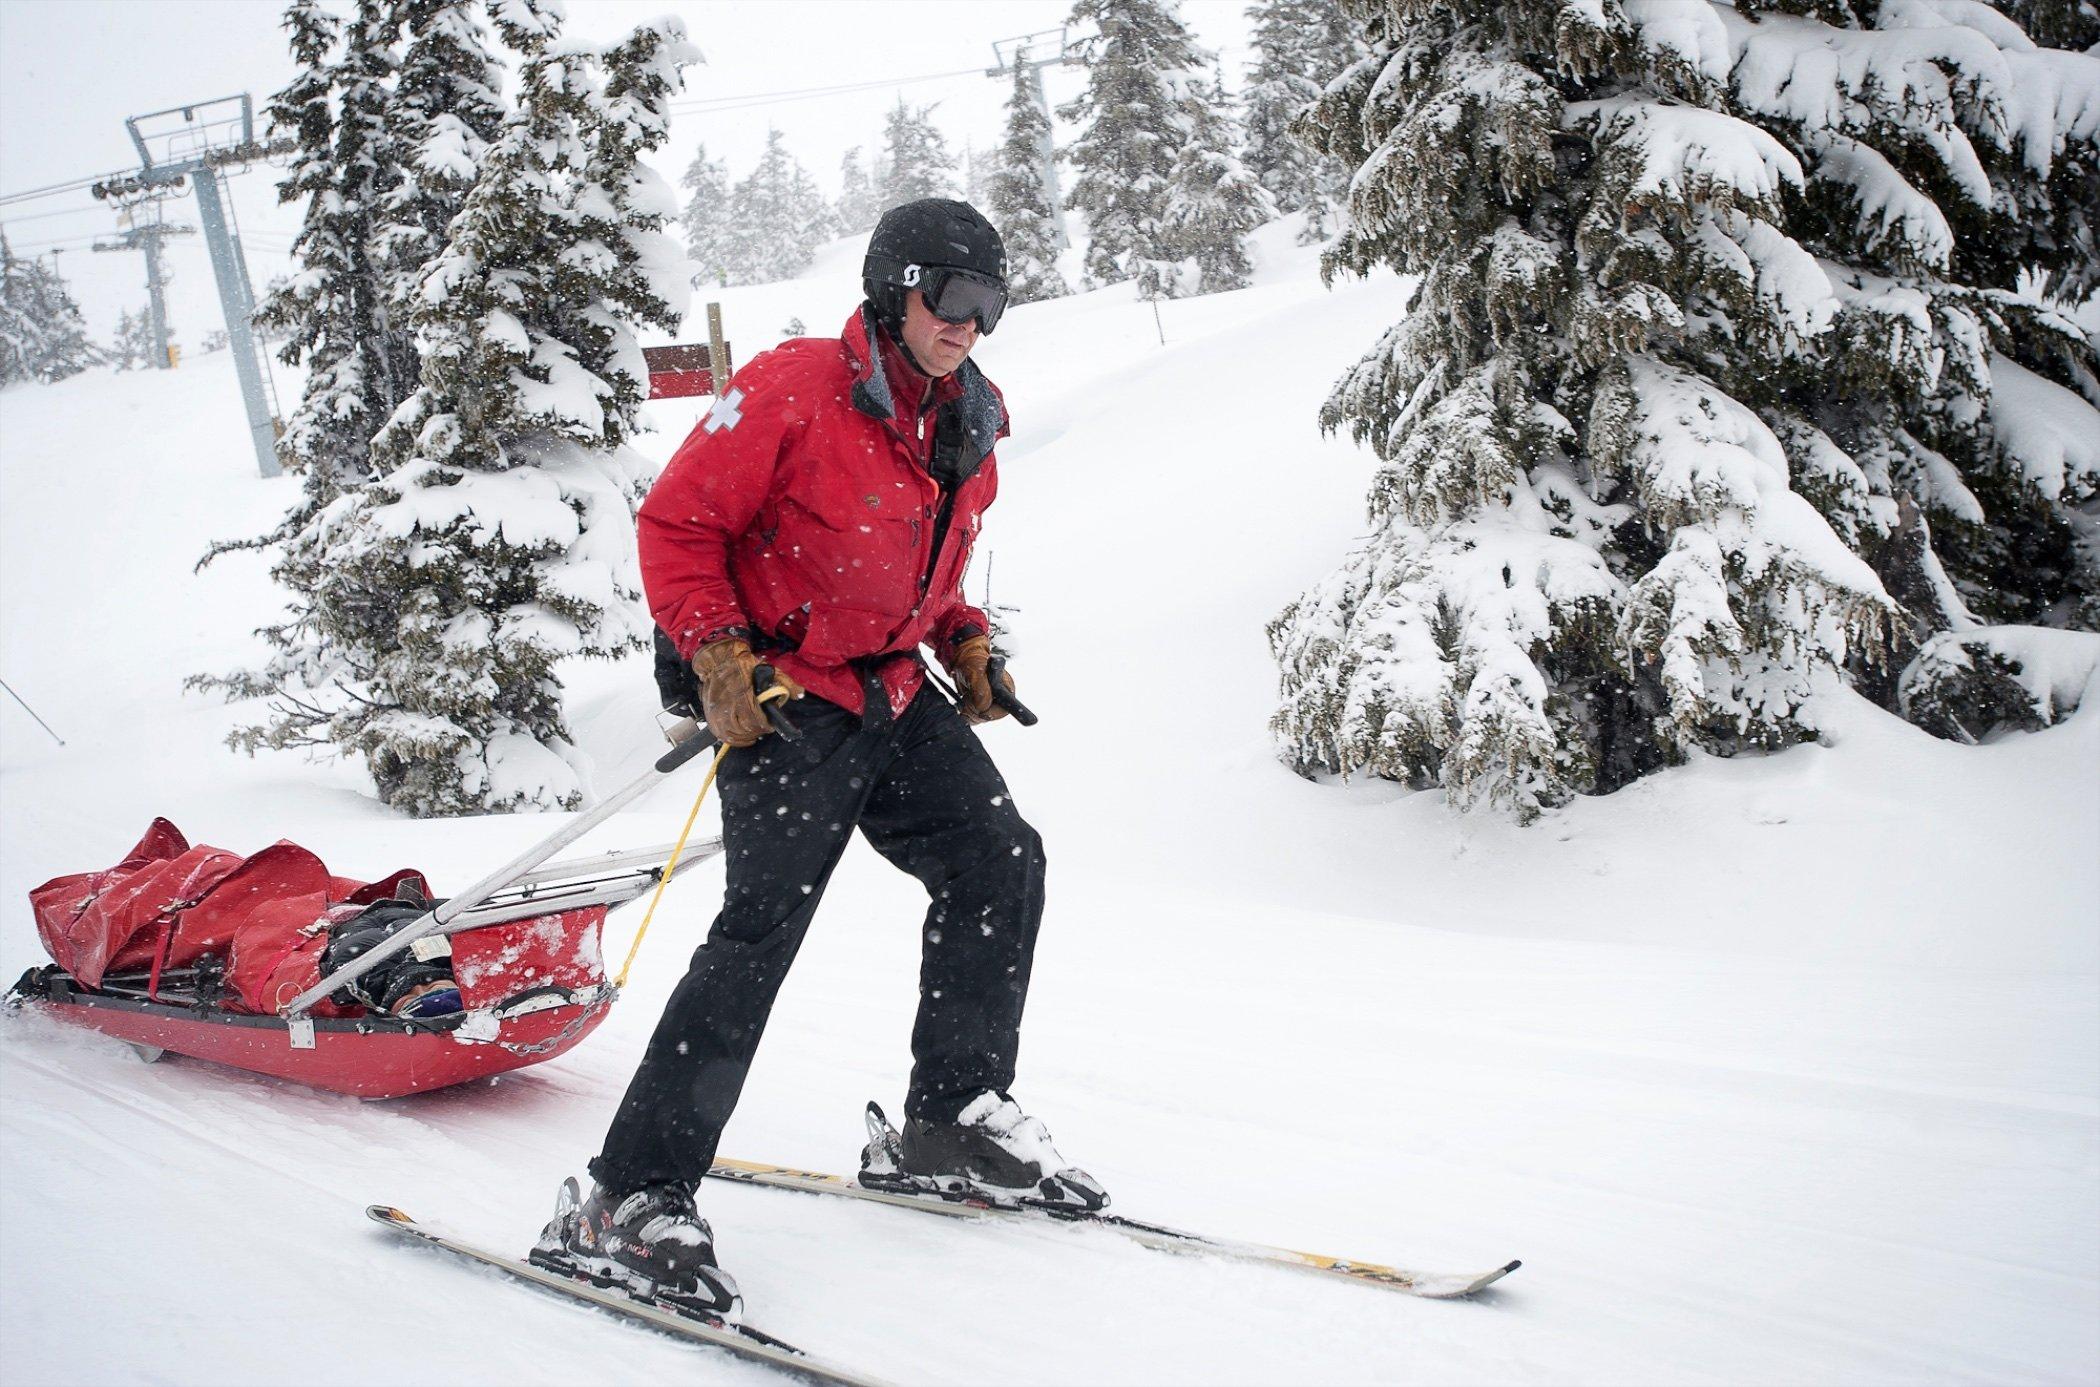 815607_ski_patrol05.jpg